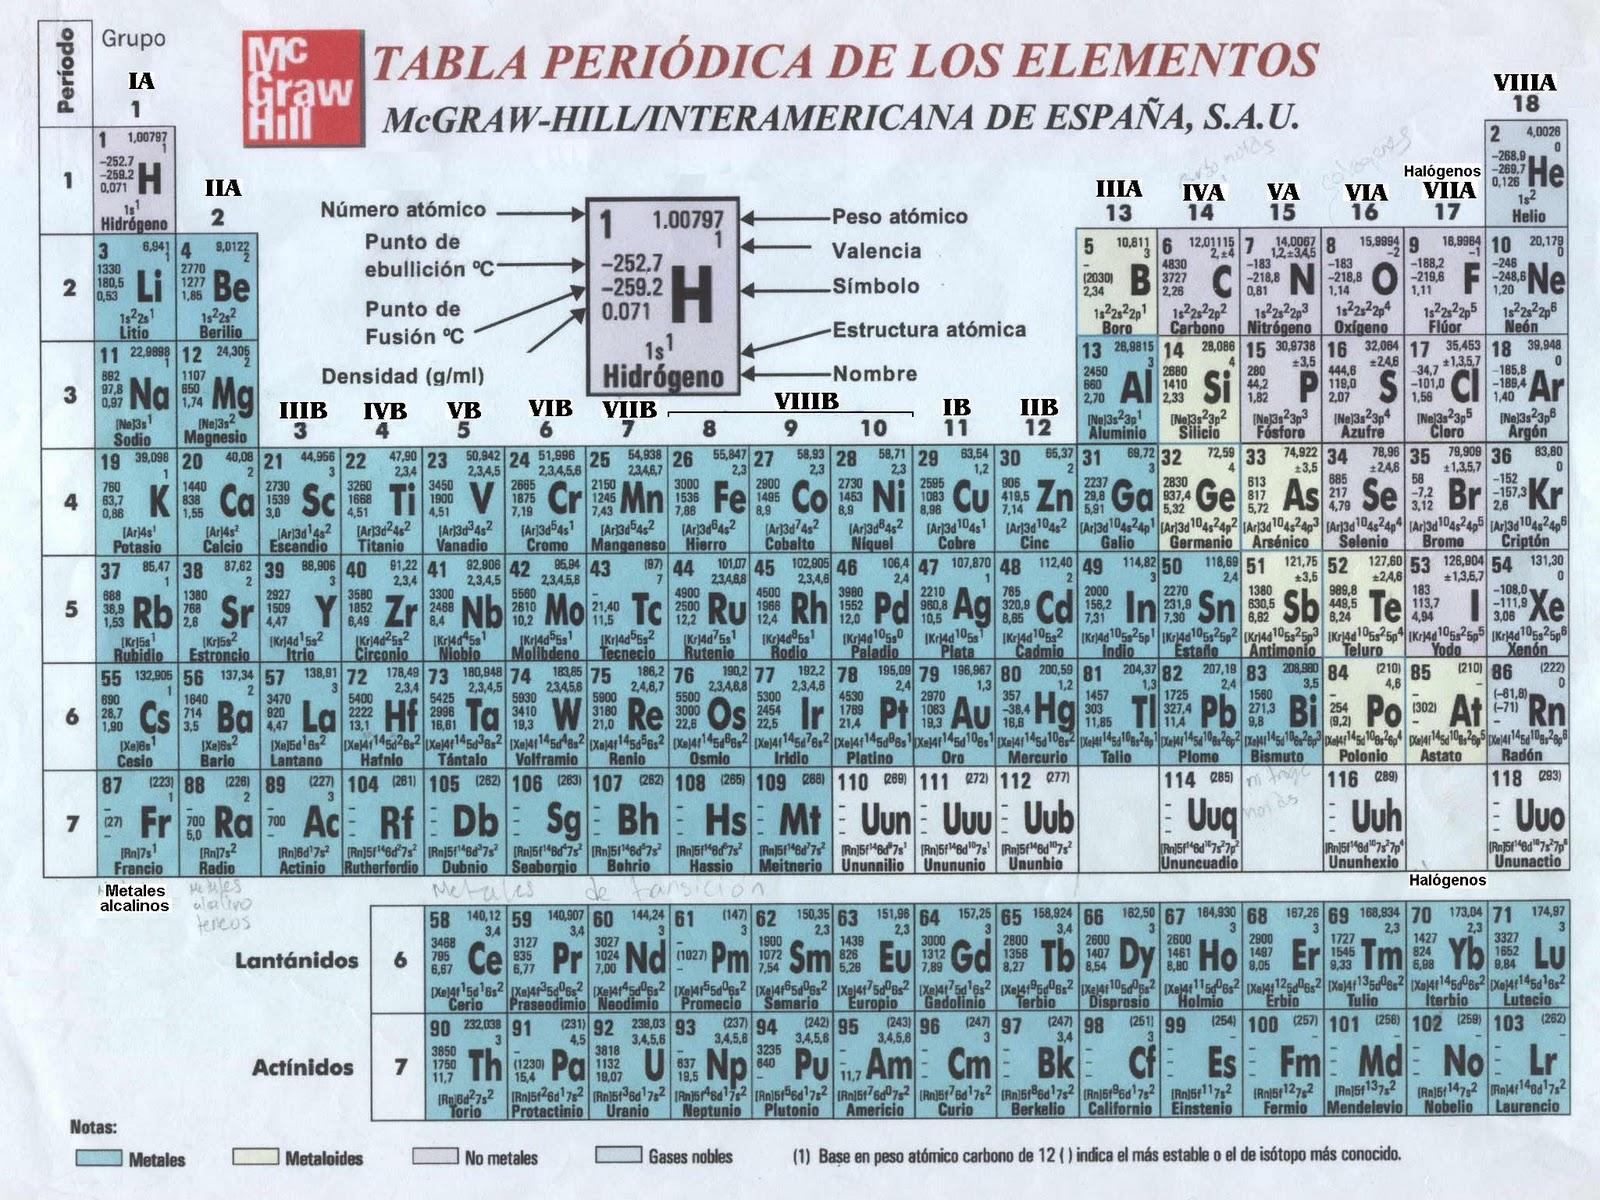 Biologia tabla periodica historia de la tabla peridica urtaz Image collections